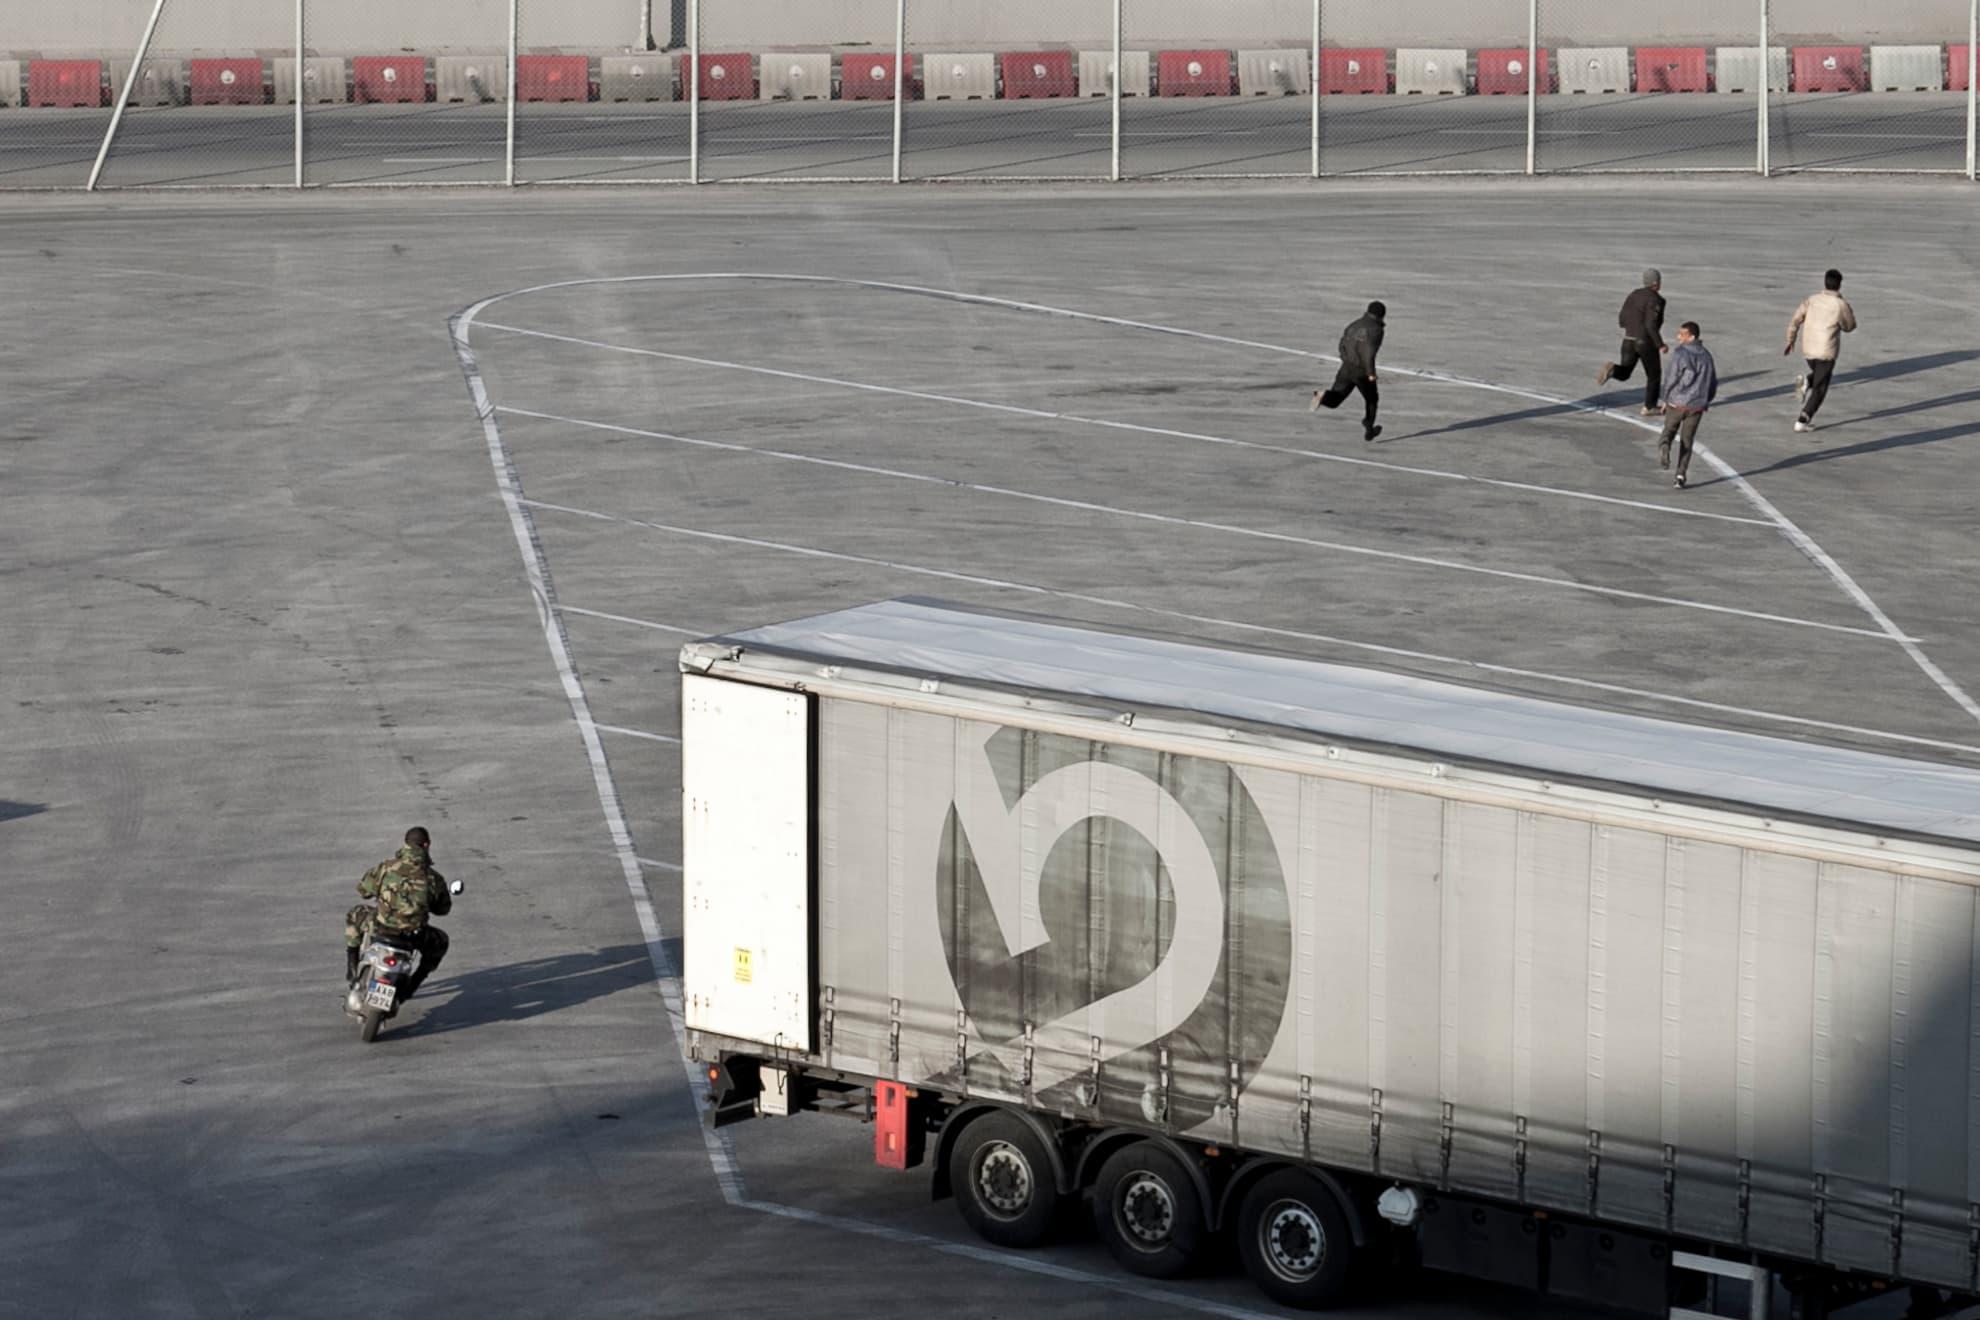 Un agente de la Guardia Costera persigue a un grupo de migrantes que intentaba esconderse en un camión de mercancías con destino a Italia. En los puertos griegos, la vigilancia por parte de unidades especiales se incrementa durante el embarque de vehículos en los ferris.